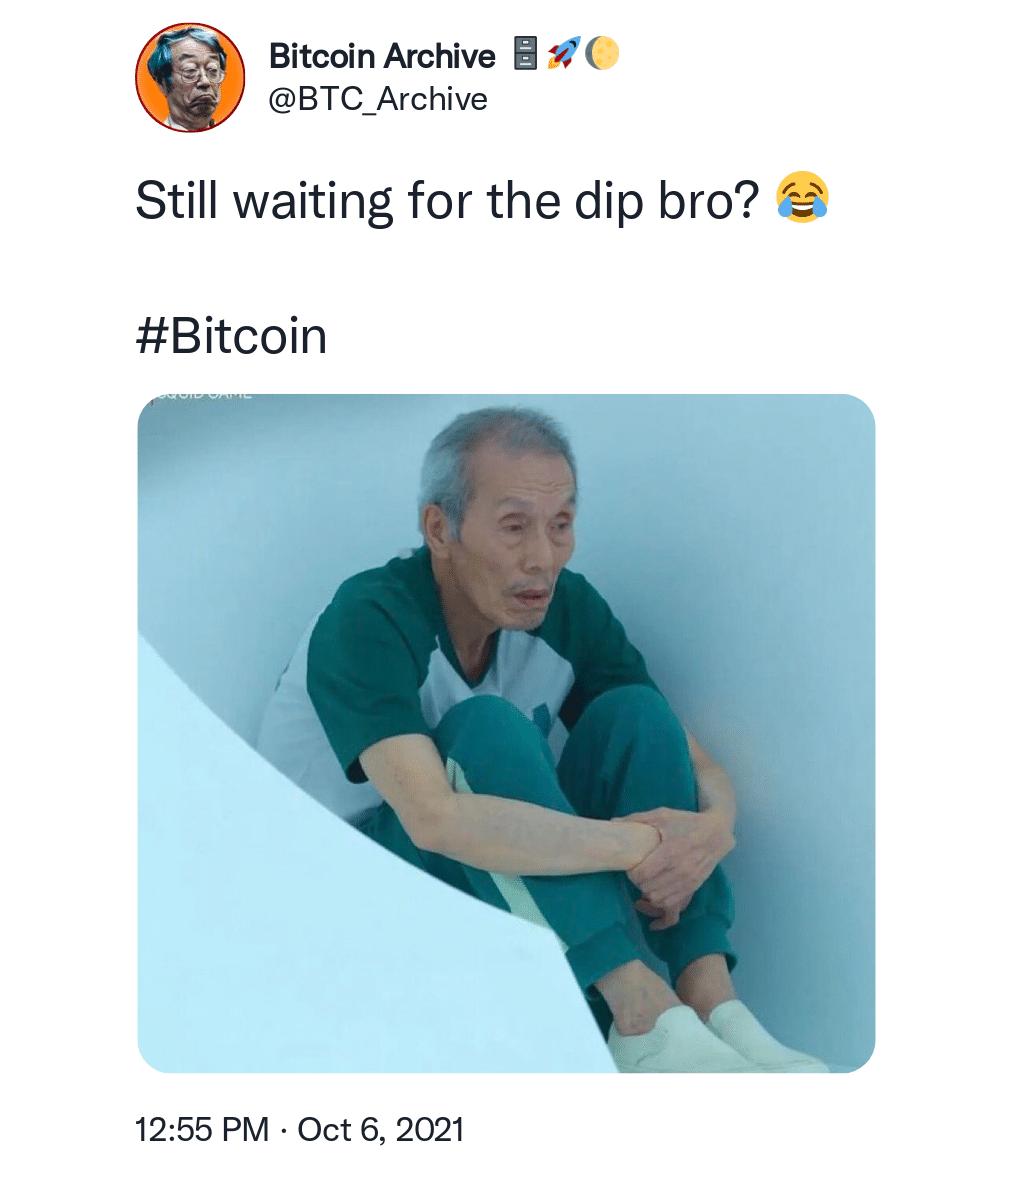 BTC_Archive